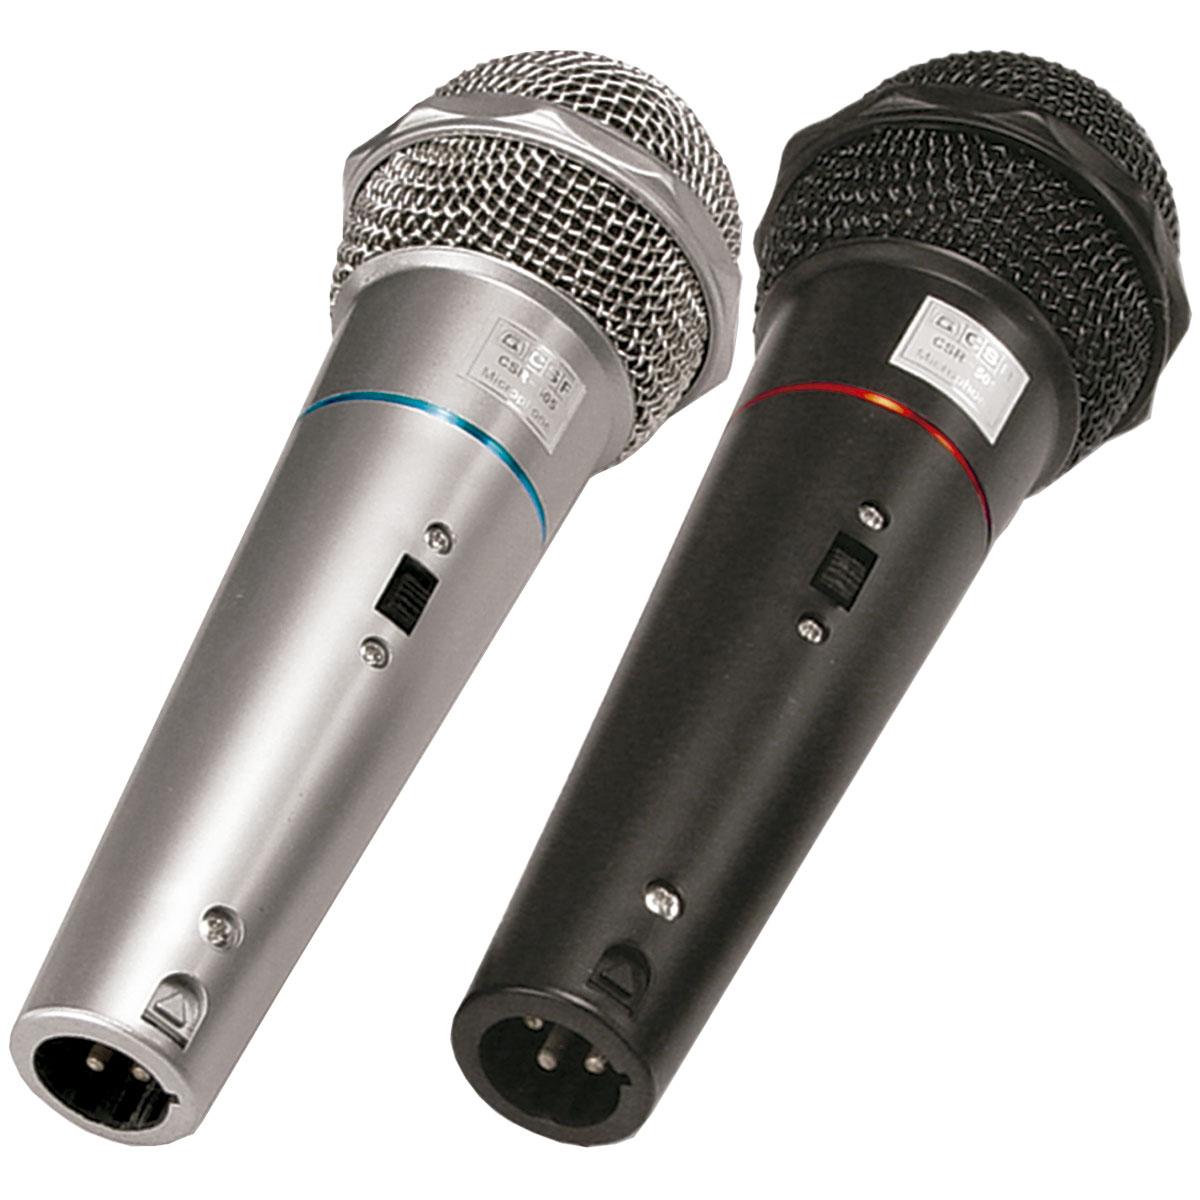 CSR505 - Kit 2 Microfones c/ Fio de M�o CSR 505 - CSR